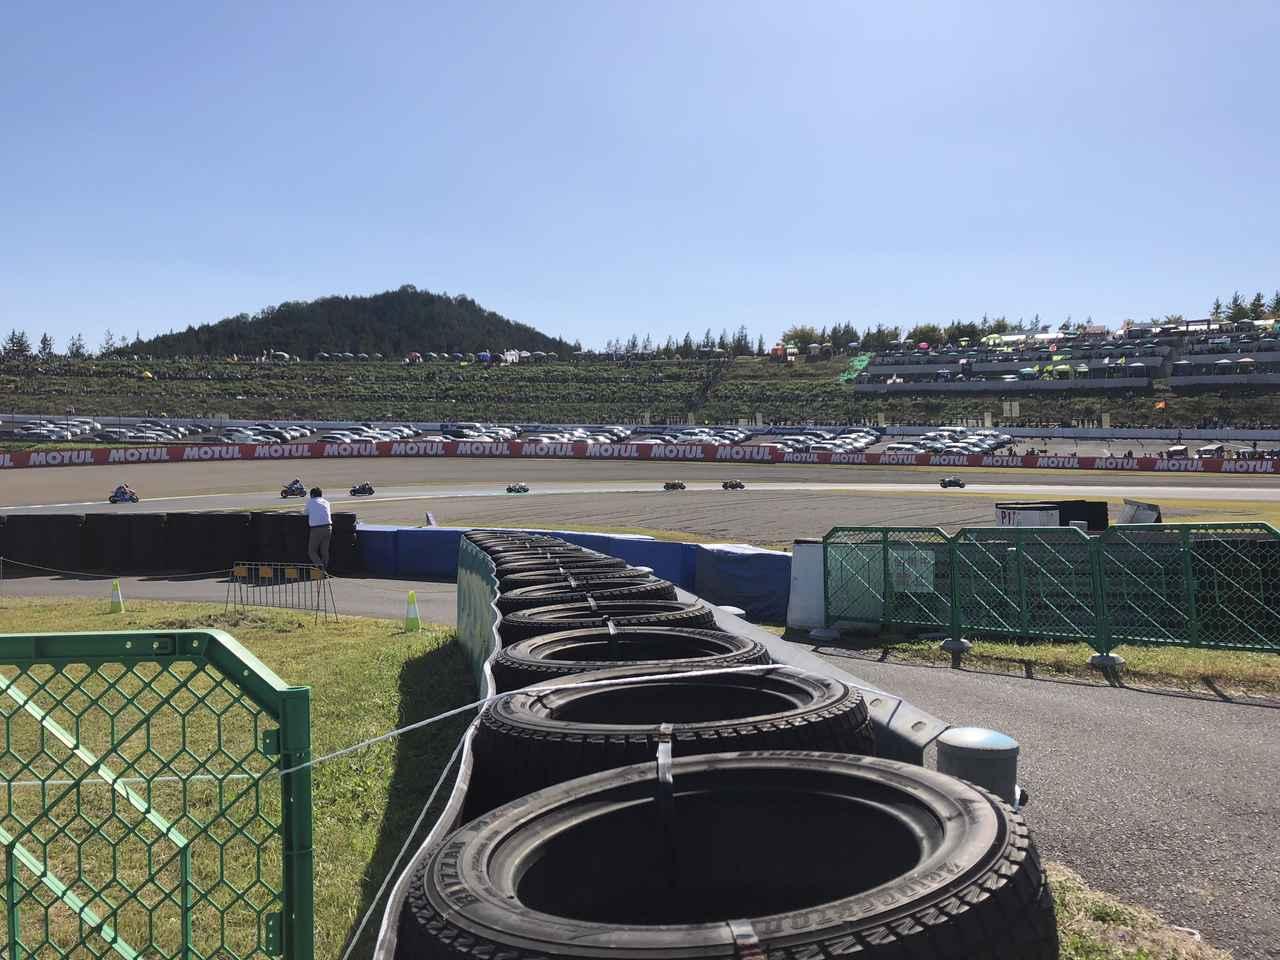 画像4: いよいよはじめてのレース観戦